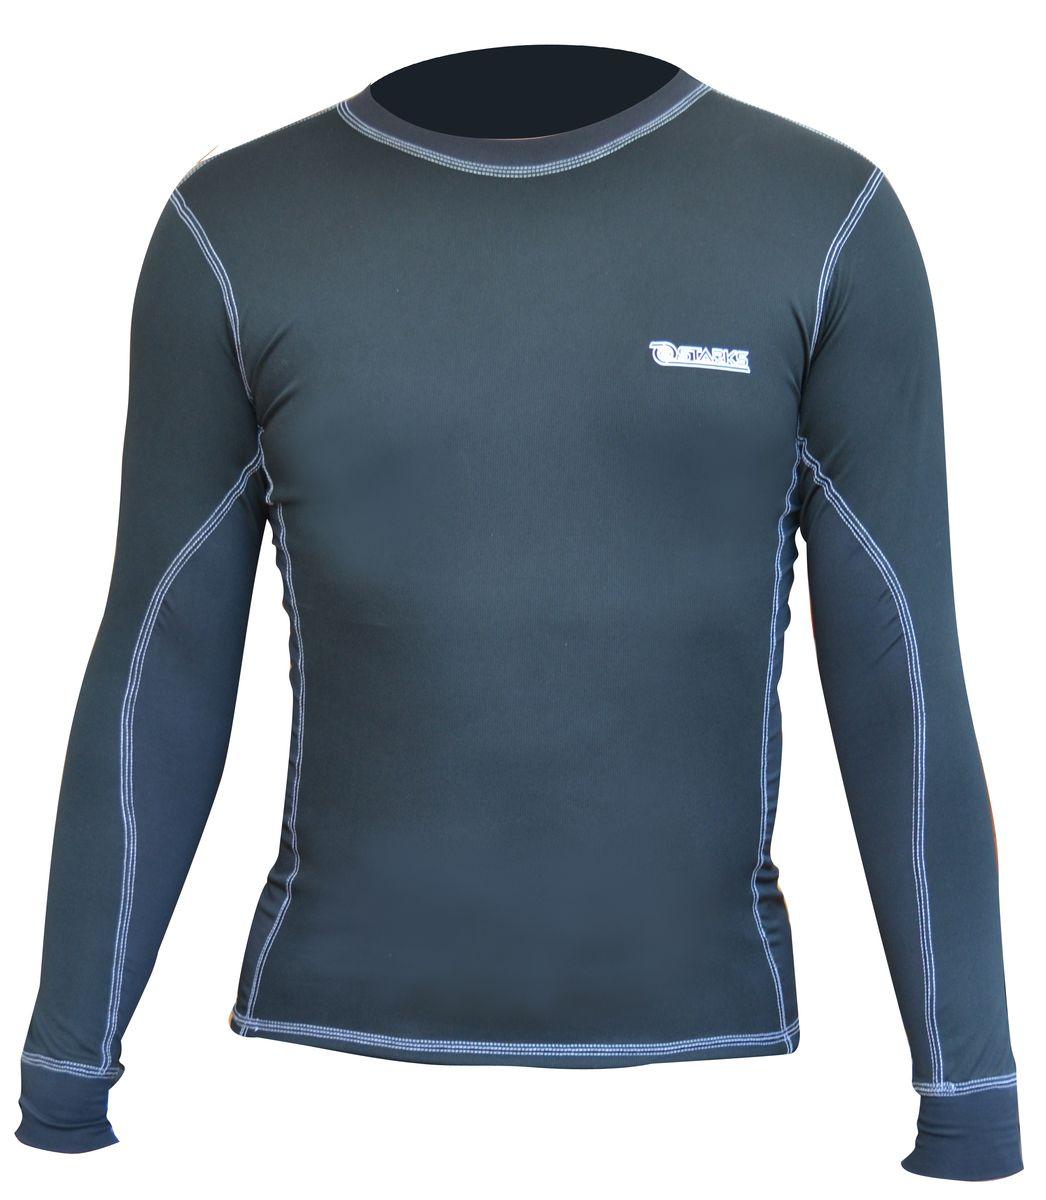 Термобелье кофта Starks Coolmax, летняя, охлаждающая, цвет: черный. Размер MЛЦ0011_MАнатомическое комбинированное термобелье, выполнено из сертифицированной ткани CoolMax. Повторение анатомии человеческого тела. Обеспечивает хорошую терморегуляцию тела, отводит влагу, оставляя тело сухим. Вставки из ткани CoolMax Extremeдля мест, подверженных наибольшей потливости (подмышки, локтевой сгиб руки, паховая область). Технология плоских швов. Белье предназначено для активных физических нагрузок. Особенности: Сохраняет ваше тело сухим. Эластичные, мягкие плоские швы Отличные влагоотводящиесвойства Гипоаллергенно